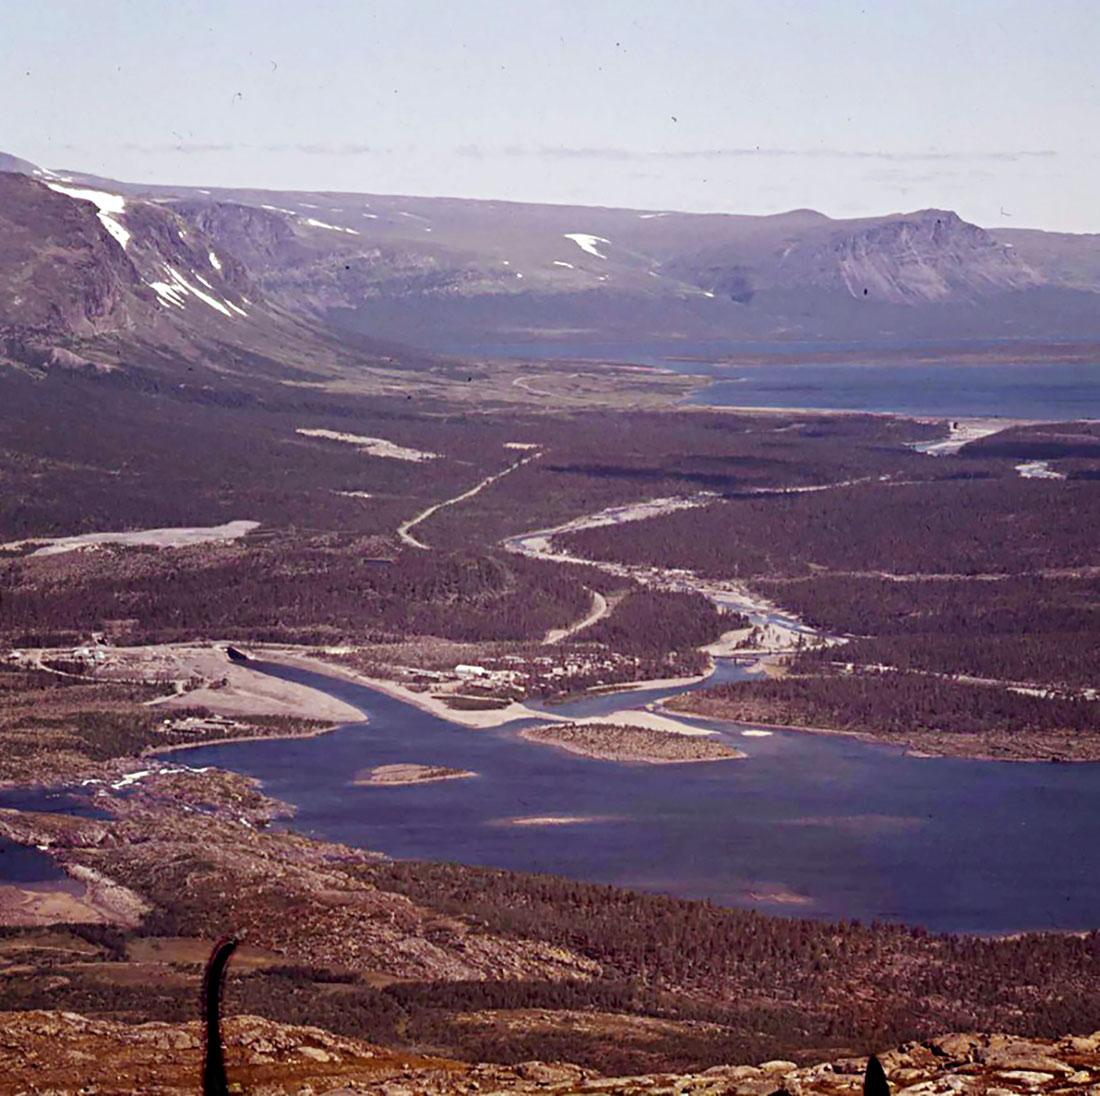 Vietas är ett underjordiskt vattenkraftverk. Vattnet leds ner via två flera kilometer långa tunnlar. Bilden är från 1970. Foto: VATTENFALL